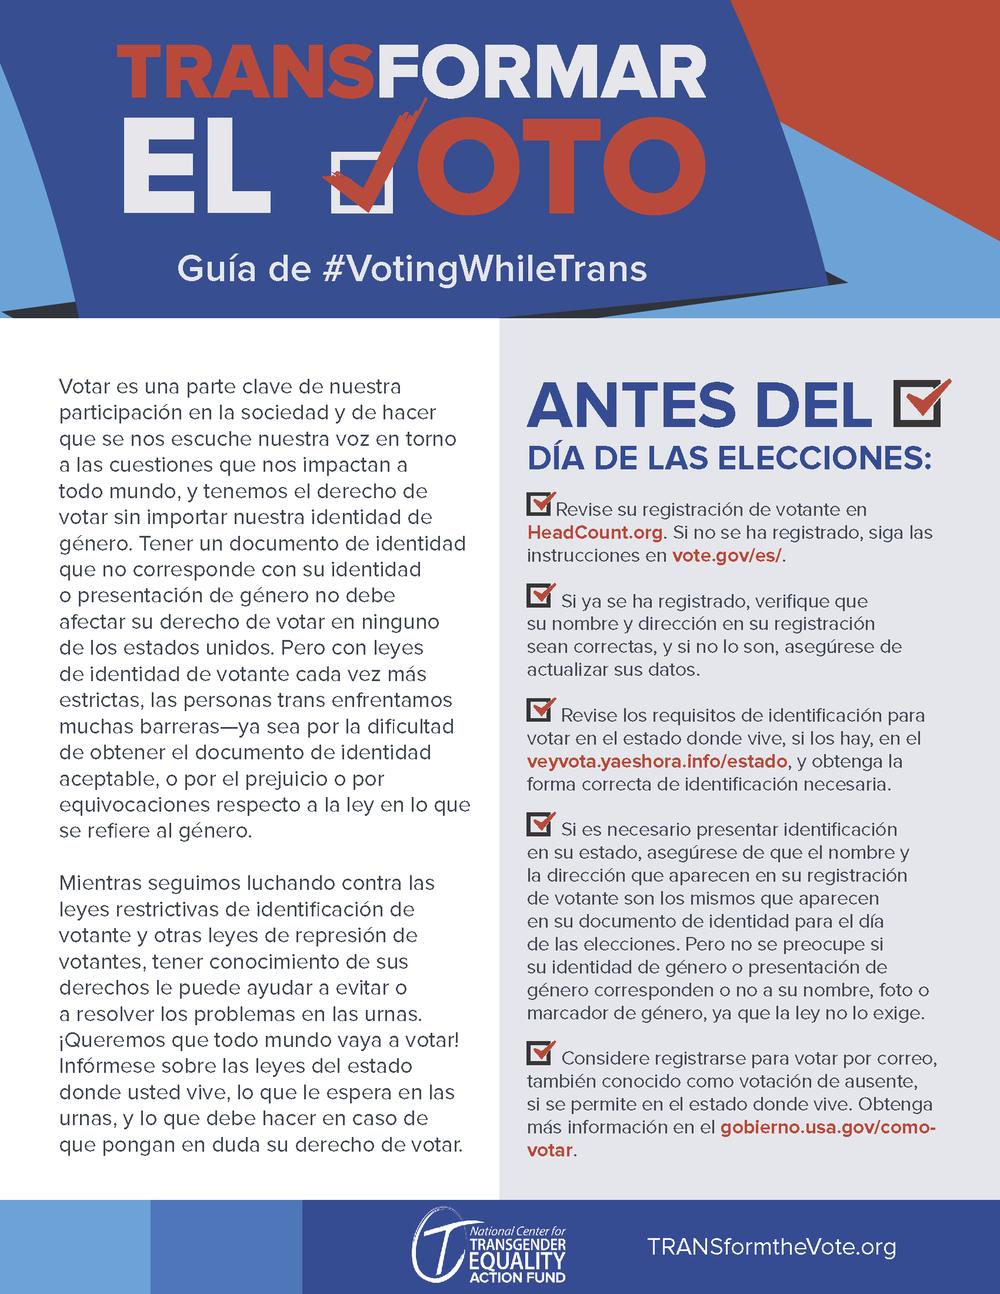 Guía de #VotingWhileTrans (ES)